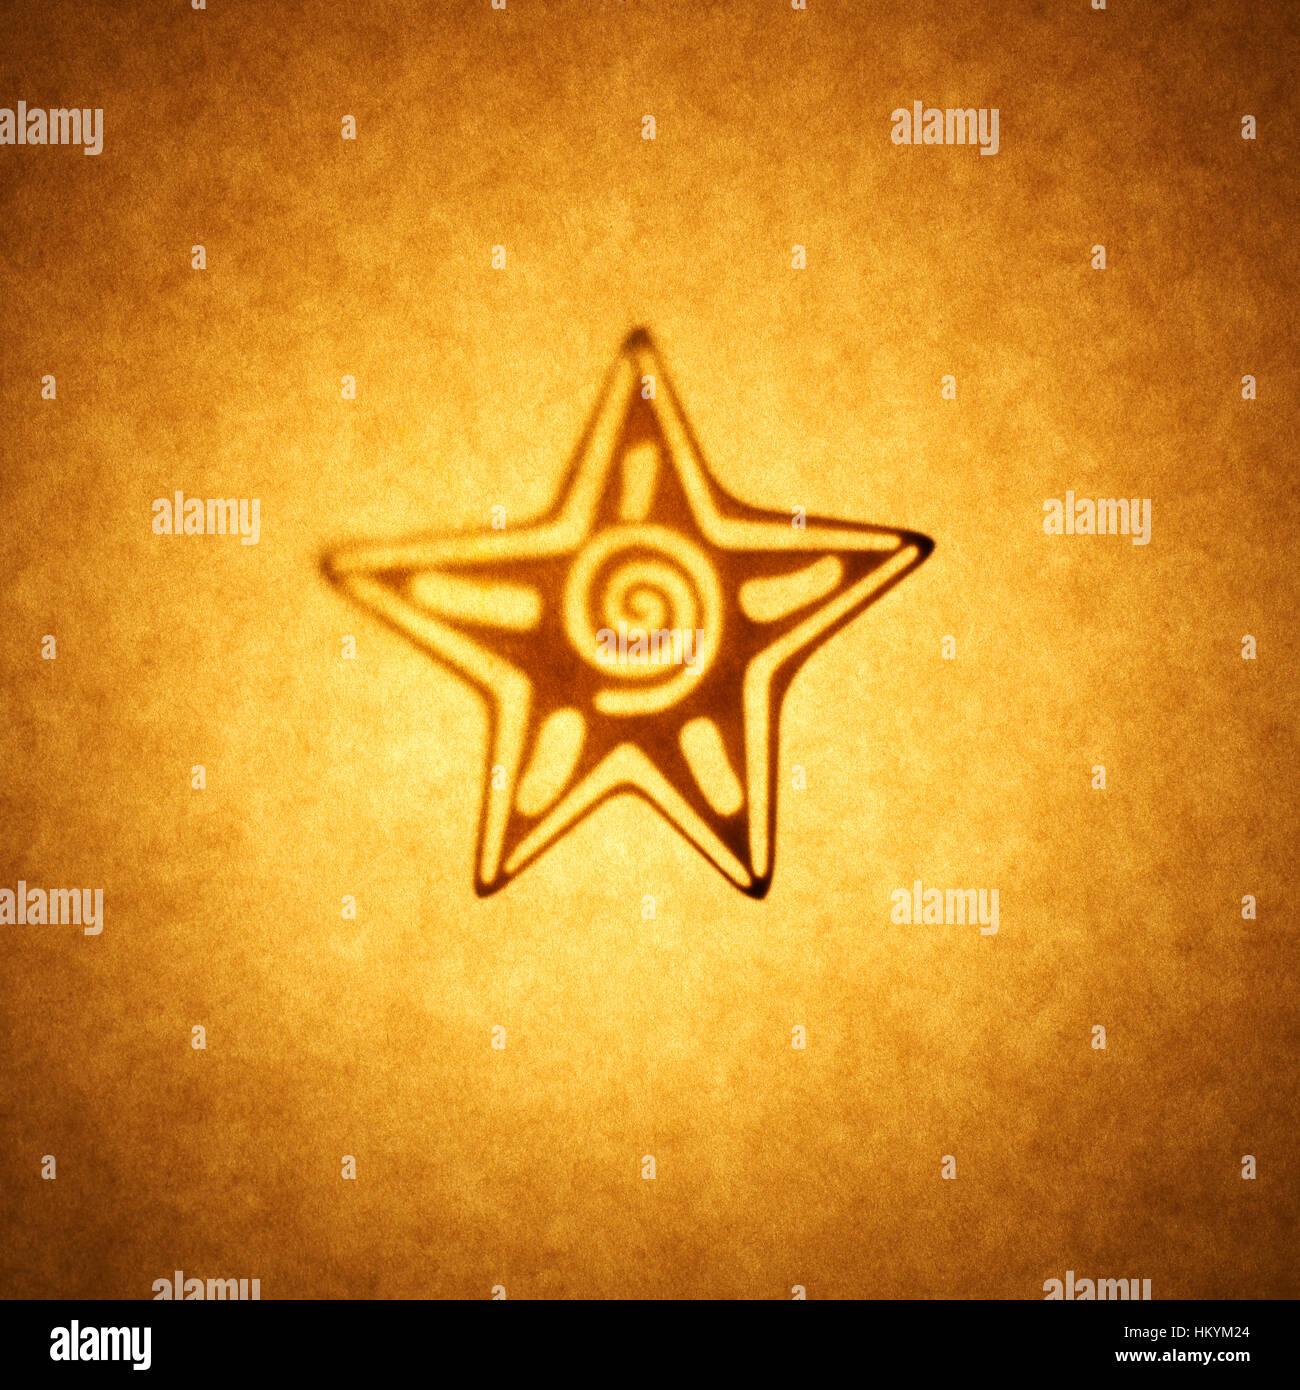 Silhouette en contre-jour de 5 point star shape cut out contre ton brun, papier avec spot mettez en surbrillance. Banque D'Images